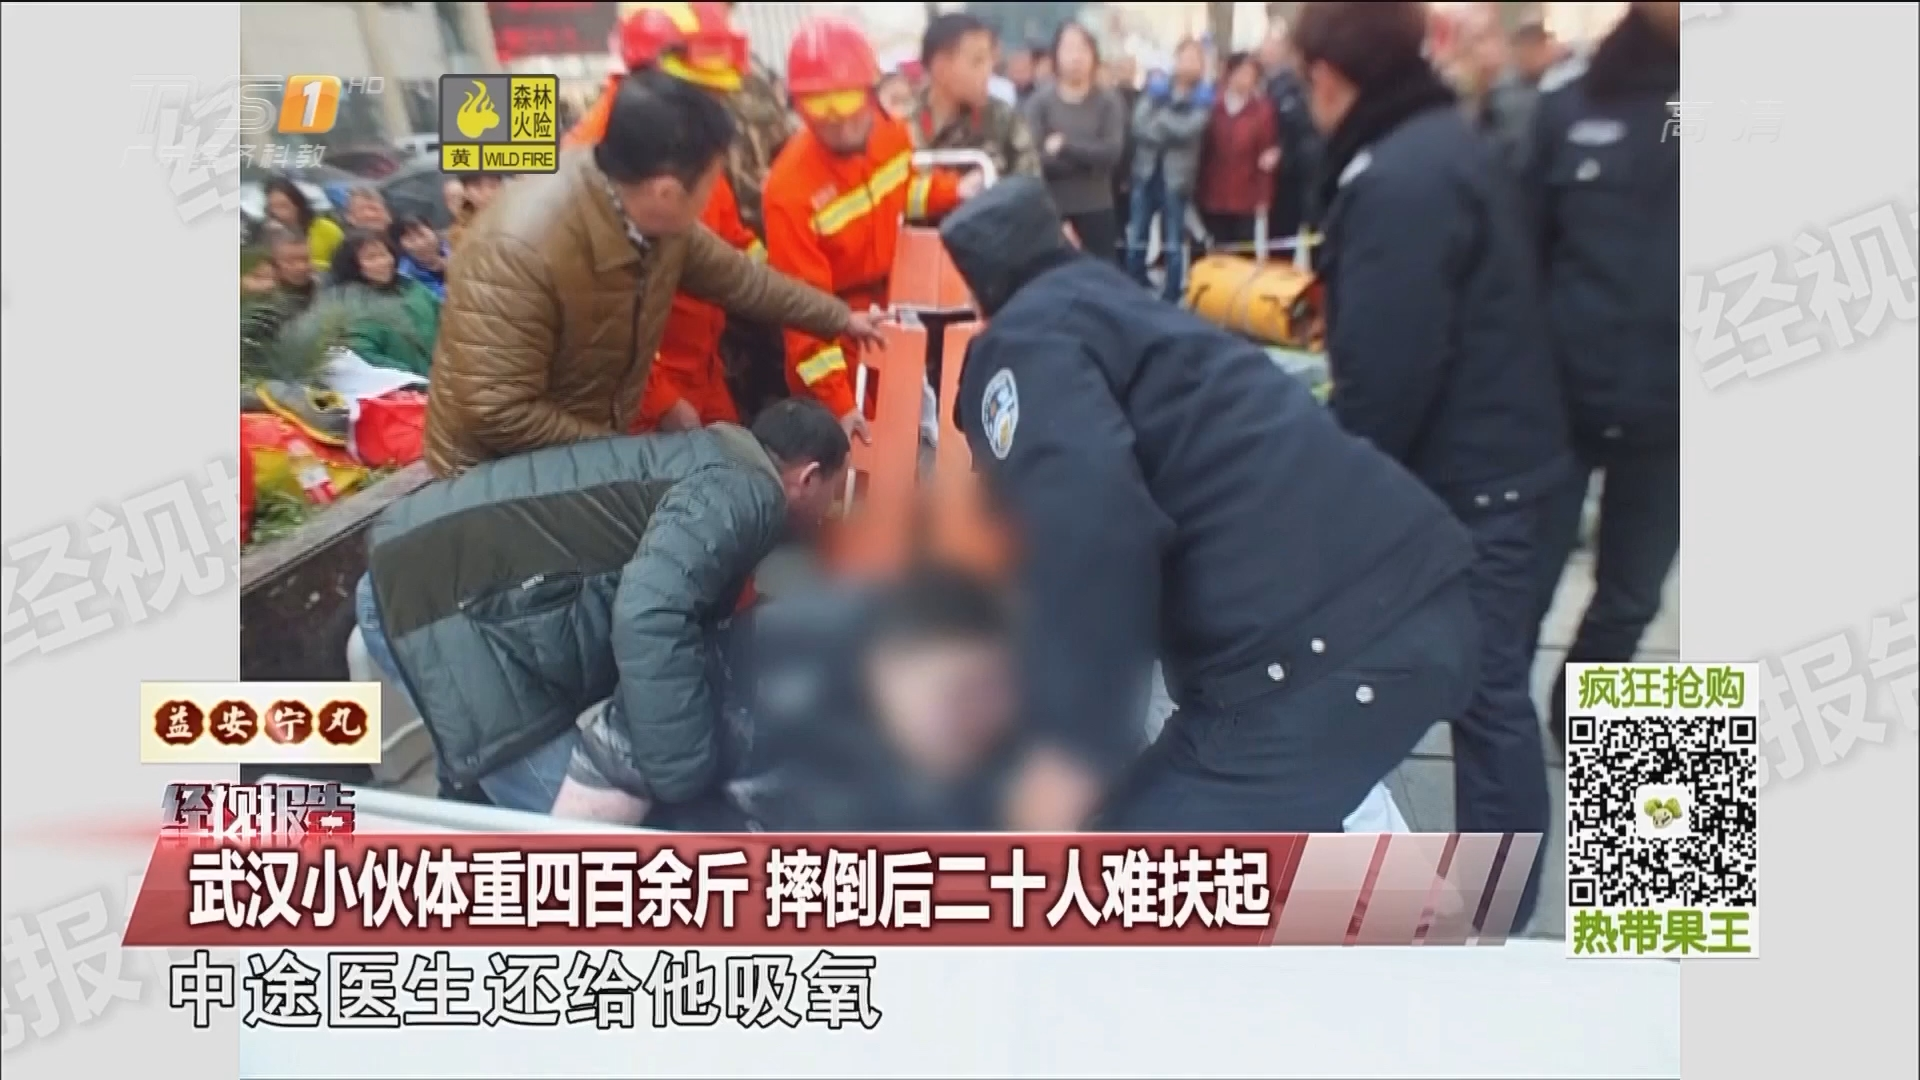 武汉小伙体重四百余斤 摔倒后二十人难扶起